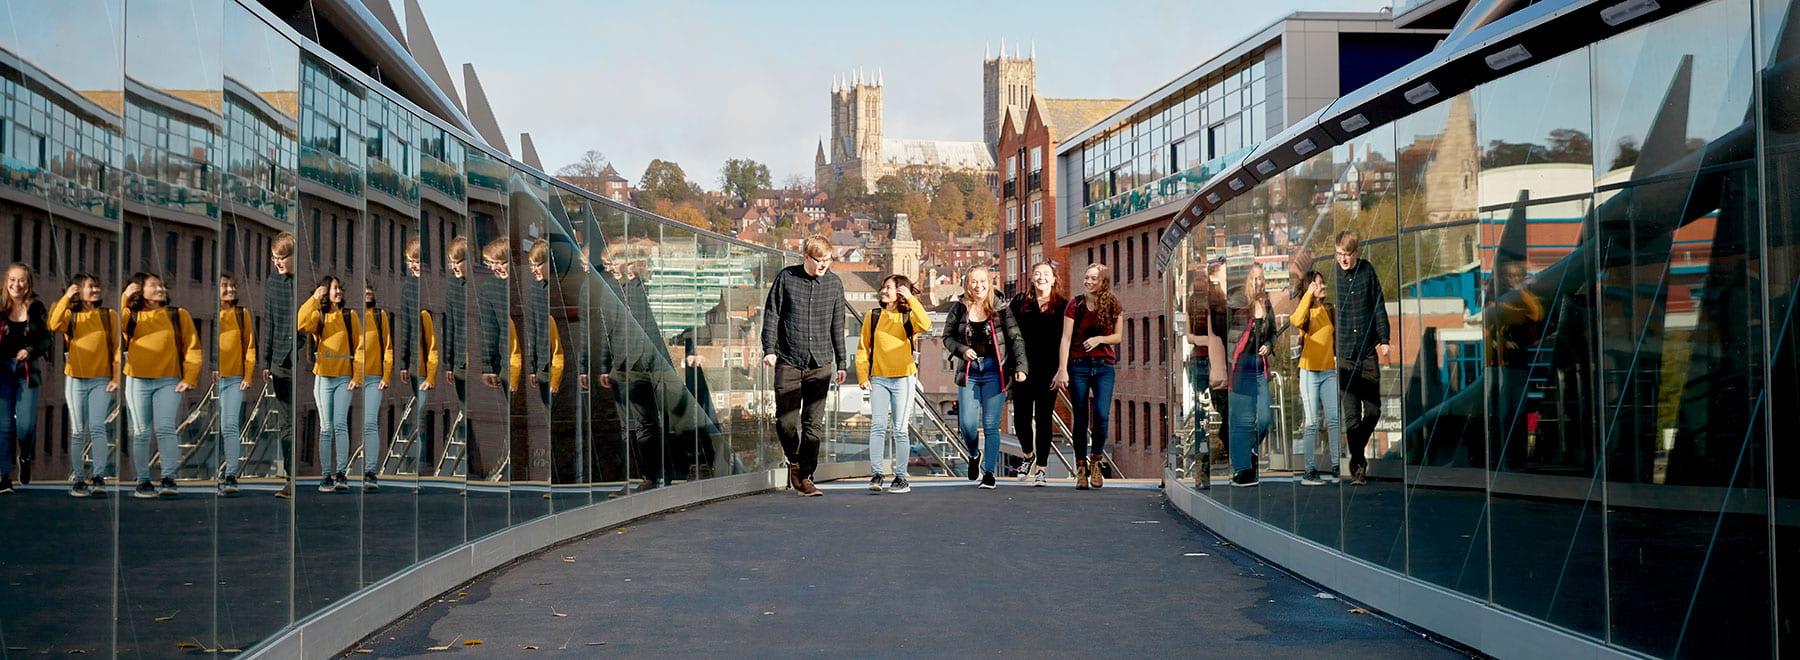 students walking across walkway.